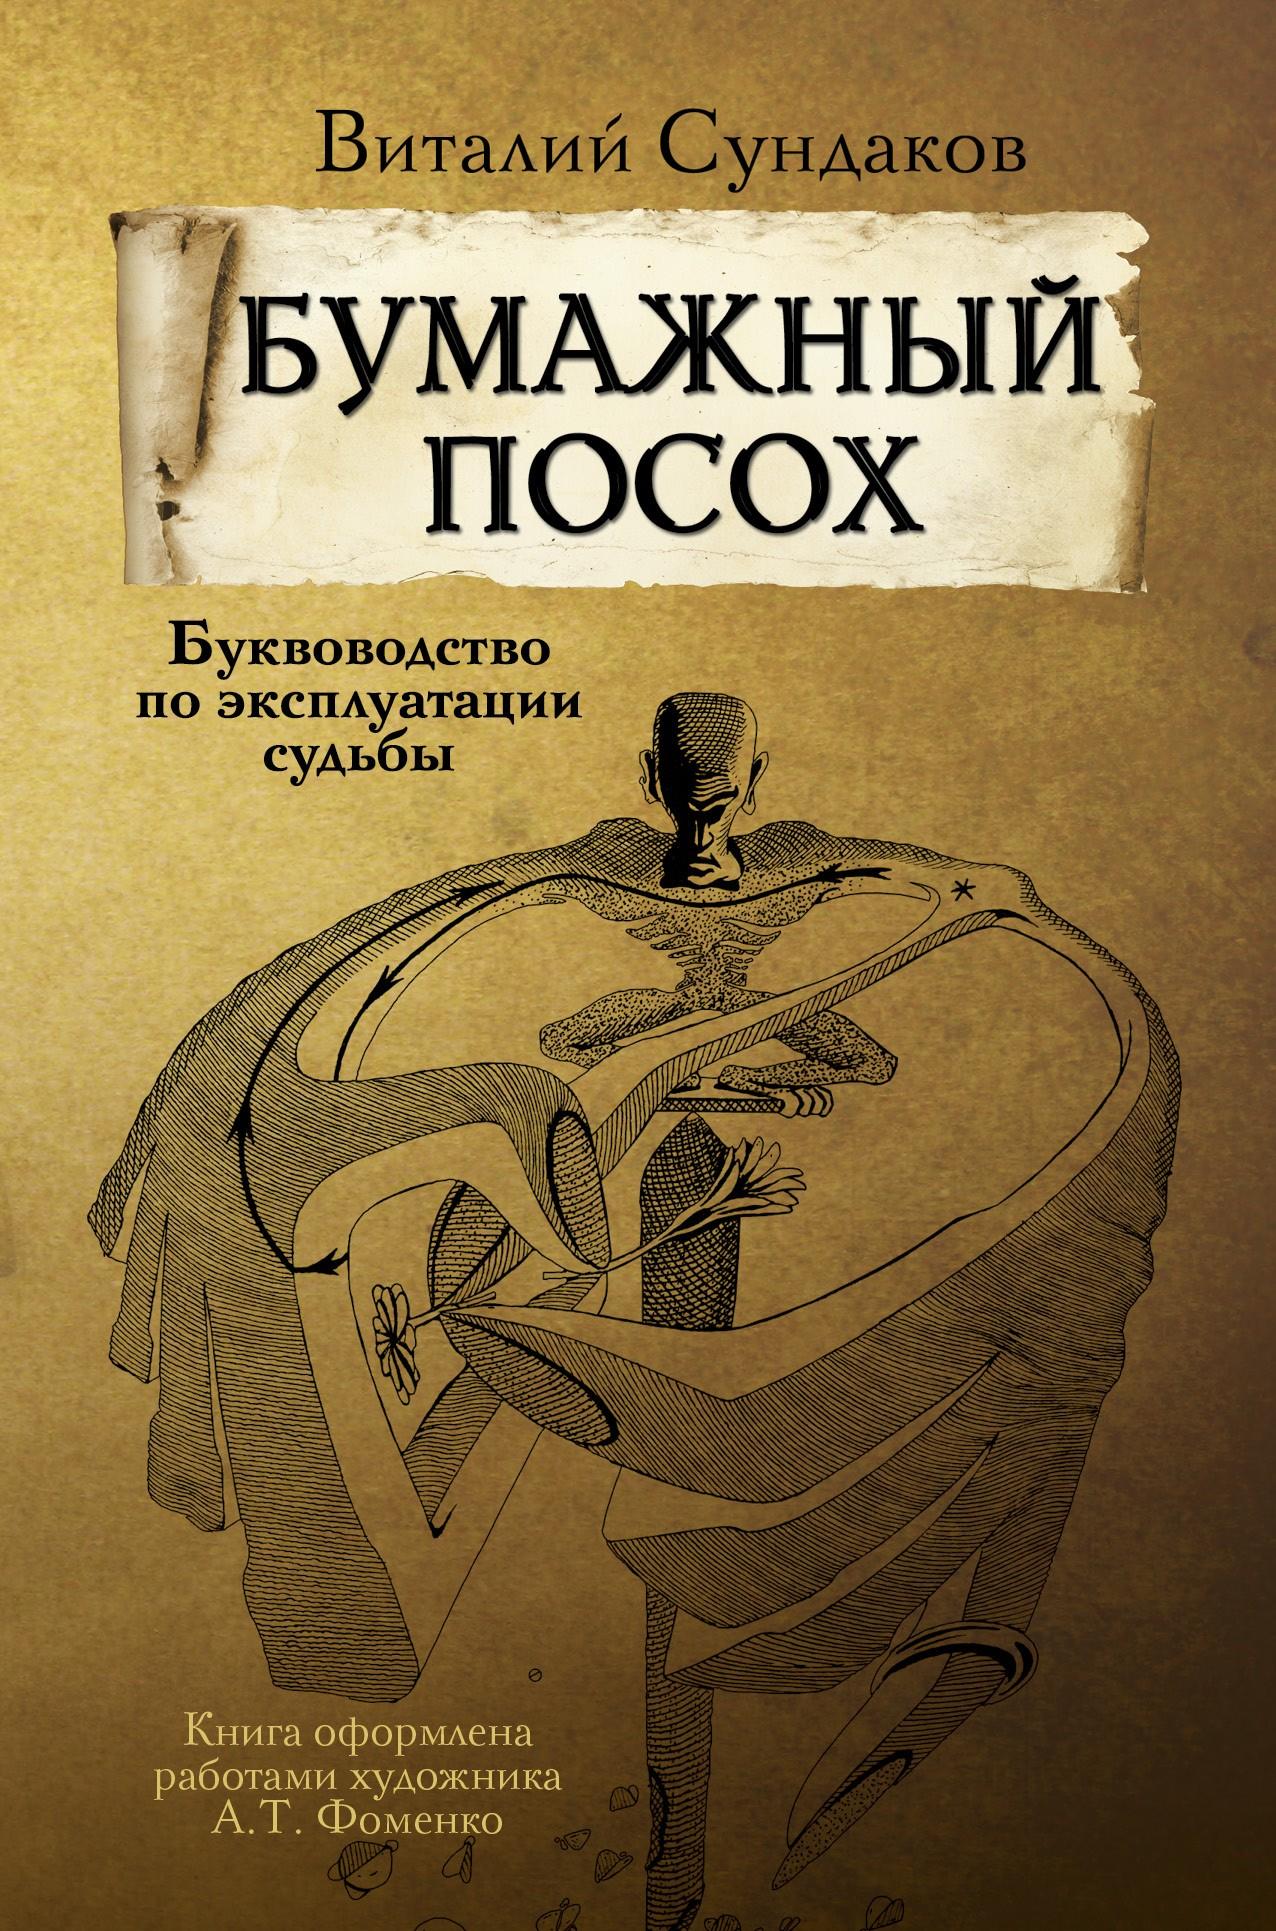 Виталий Сундаков «Бумажный посох. Буквоводство по эксплуатации судьбы»